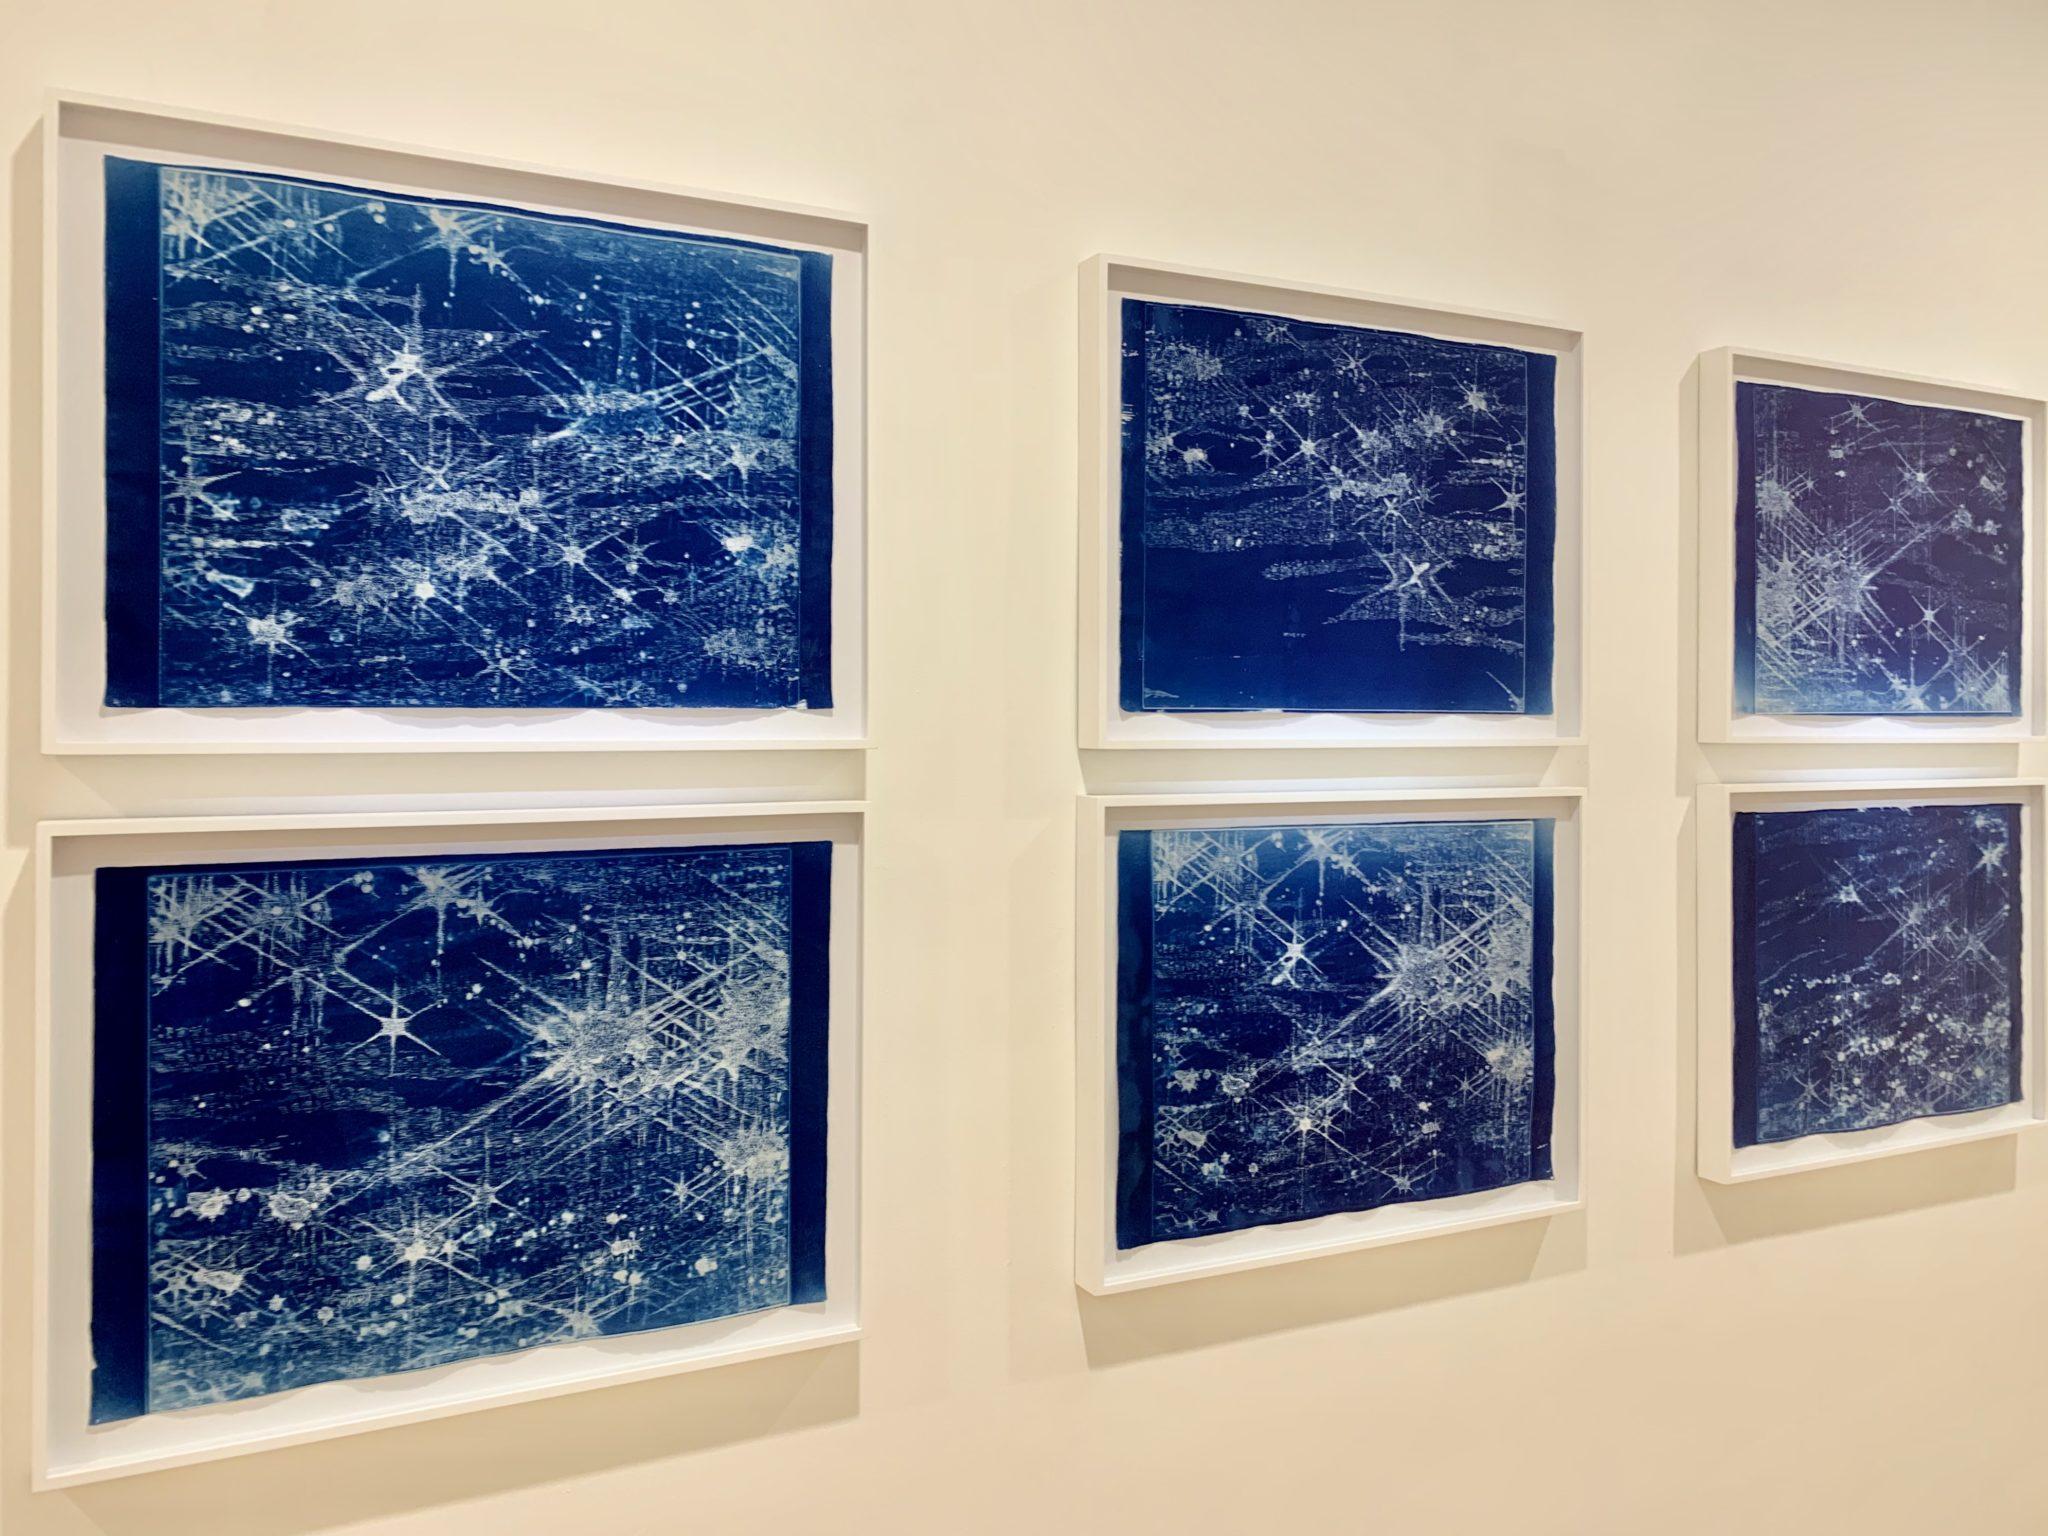 Kiki Smith, vue de l'exposition, Monnaie de Paris, 2020, Photo ARTVISIONS